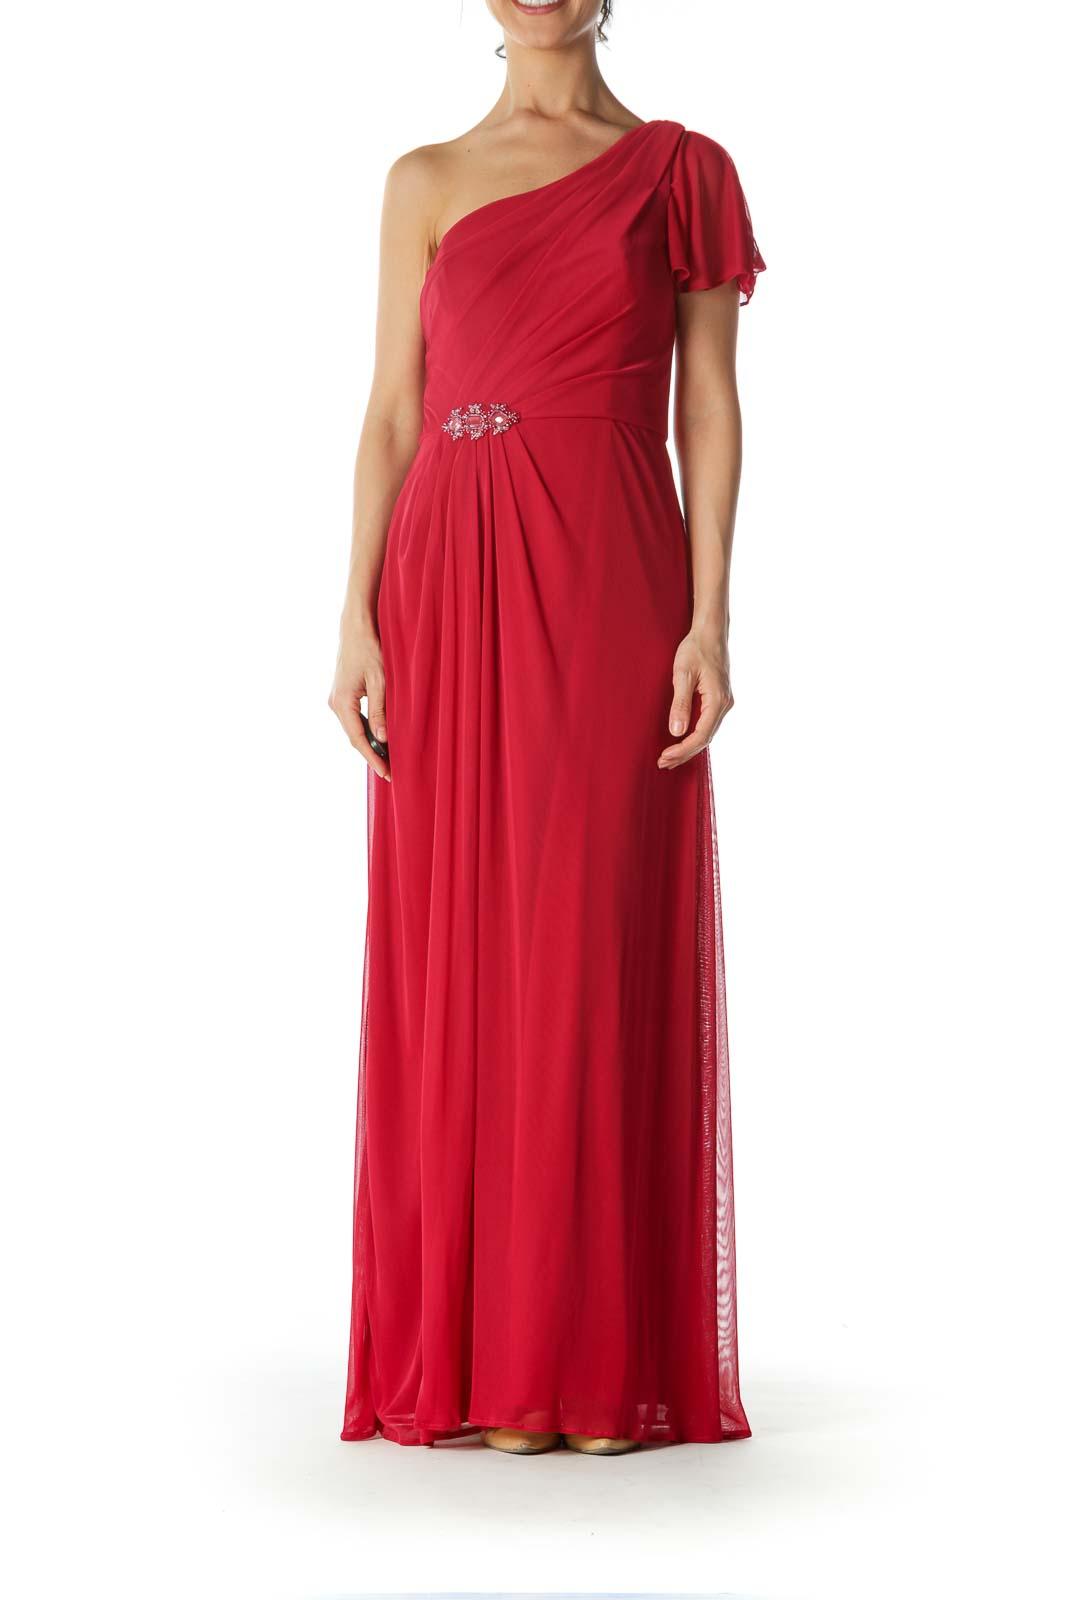 Red One Shoulder Evening Dress Front